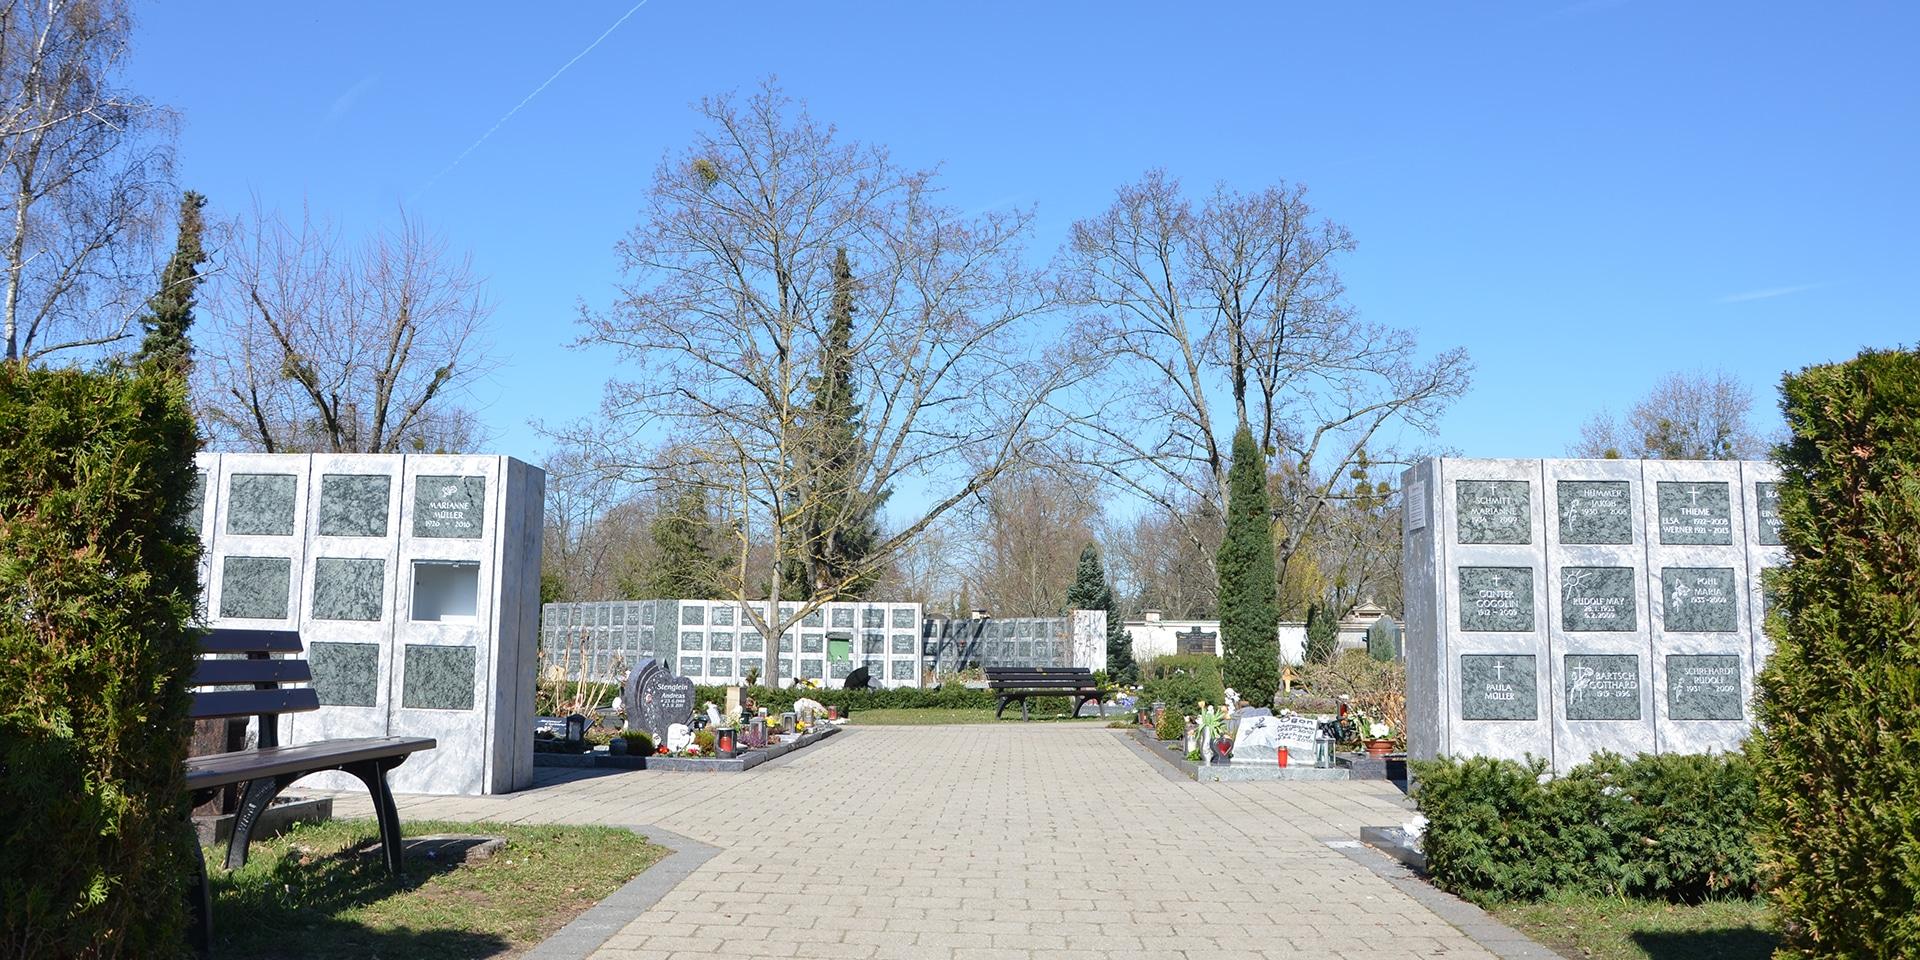 hauptfriedhof bamberg - Hauptfriedhof